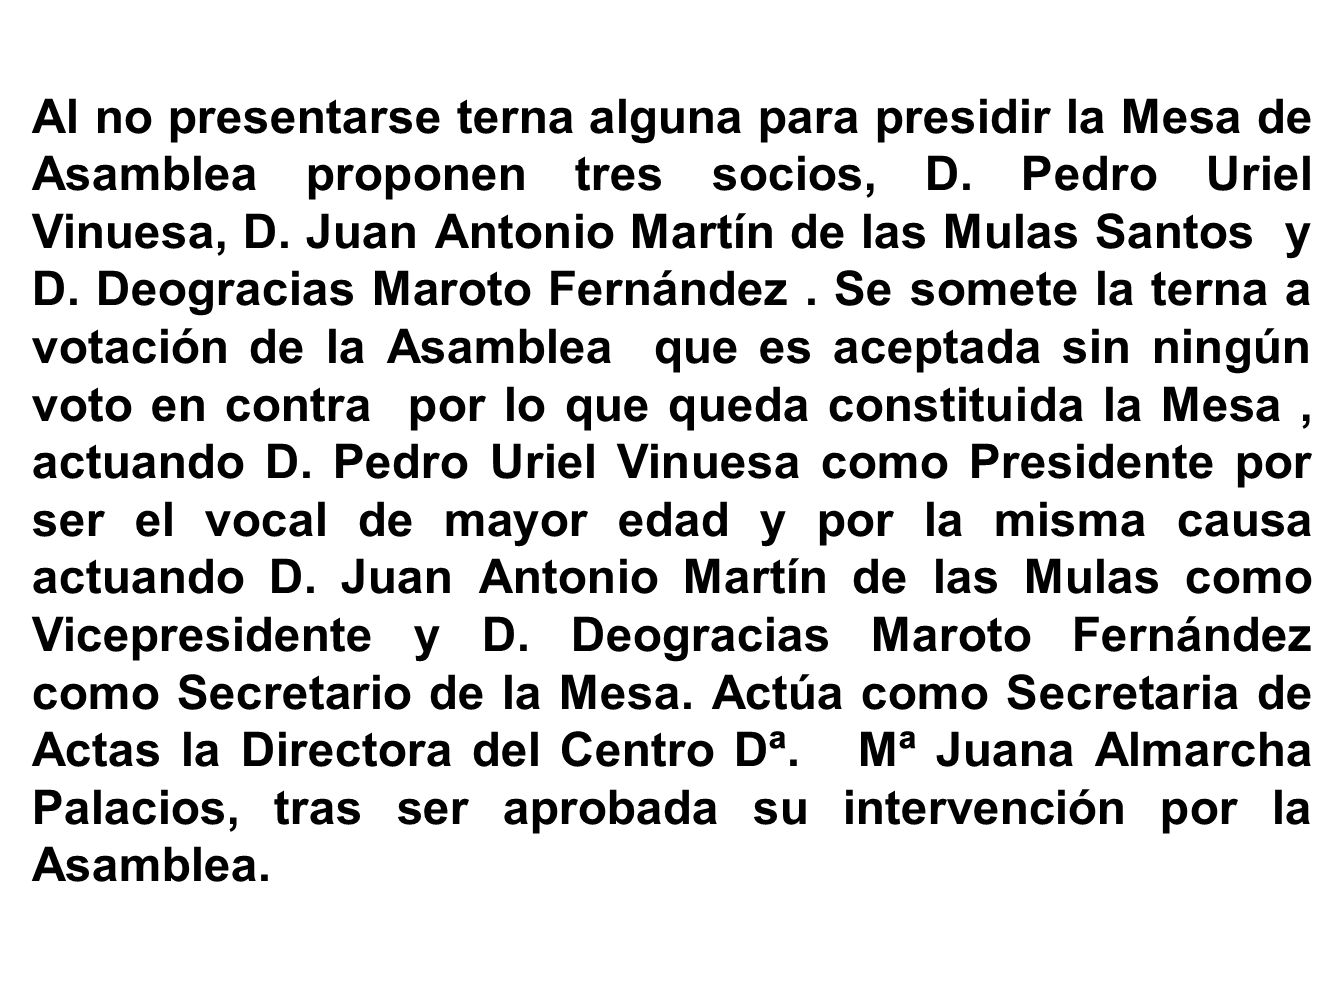 Al no presentarse terna alguna para presidir la Mesa de Asamblea proponen tres socios, D.